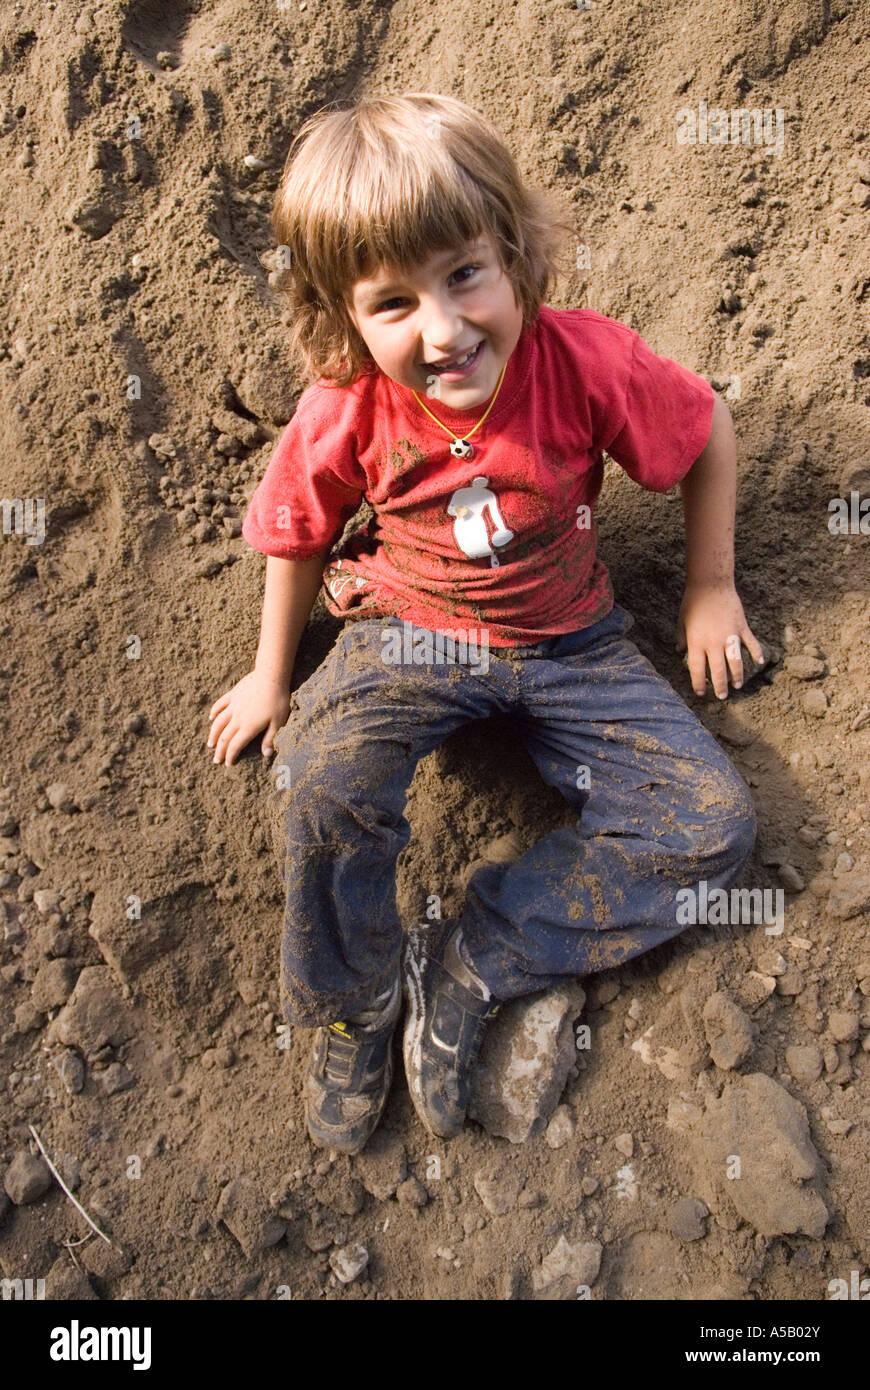 7 Jahre alten Sohn abspringen Sandhaufen im Hinterhof Stockfoto